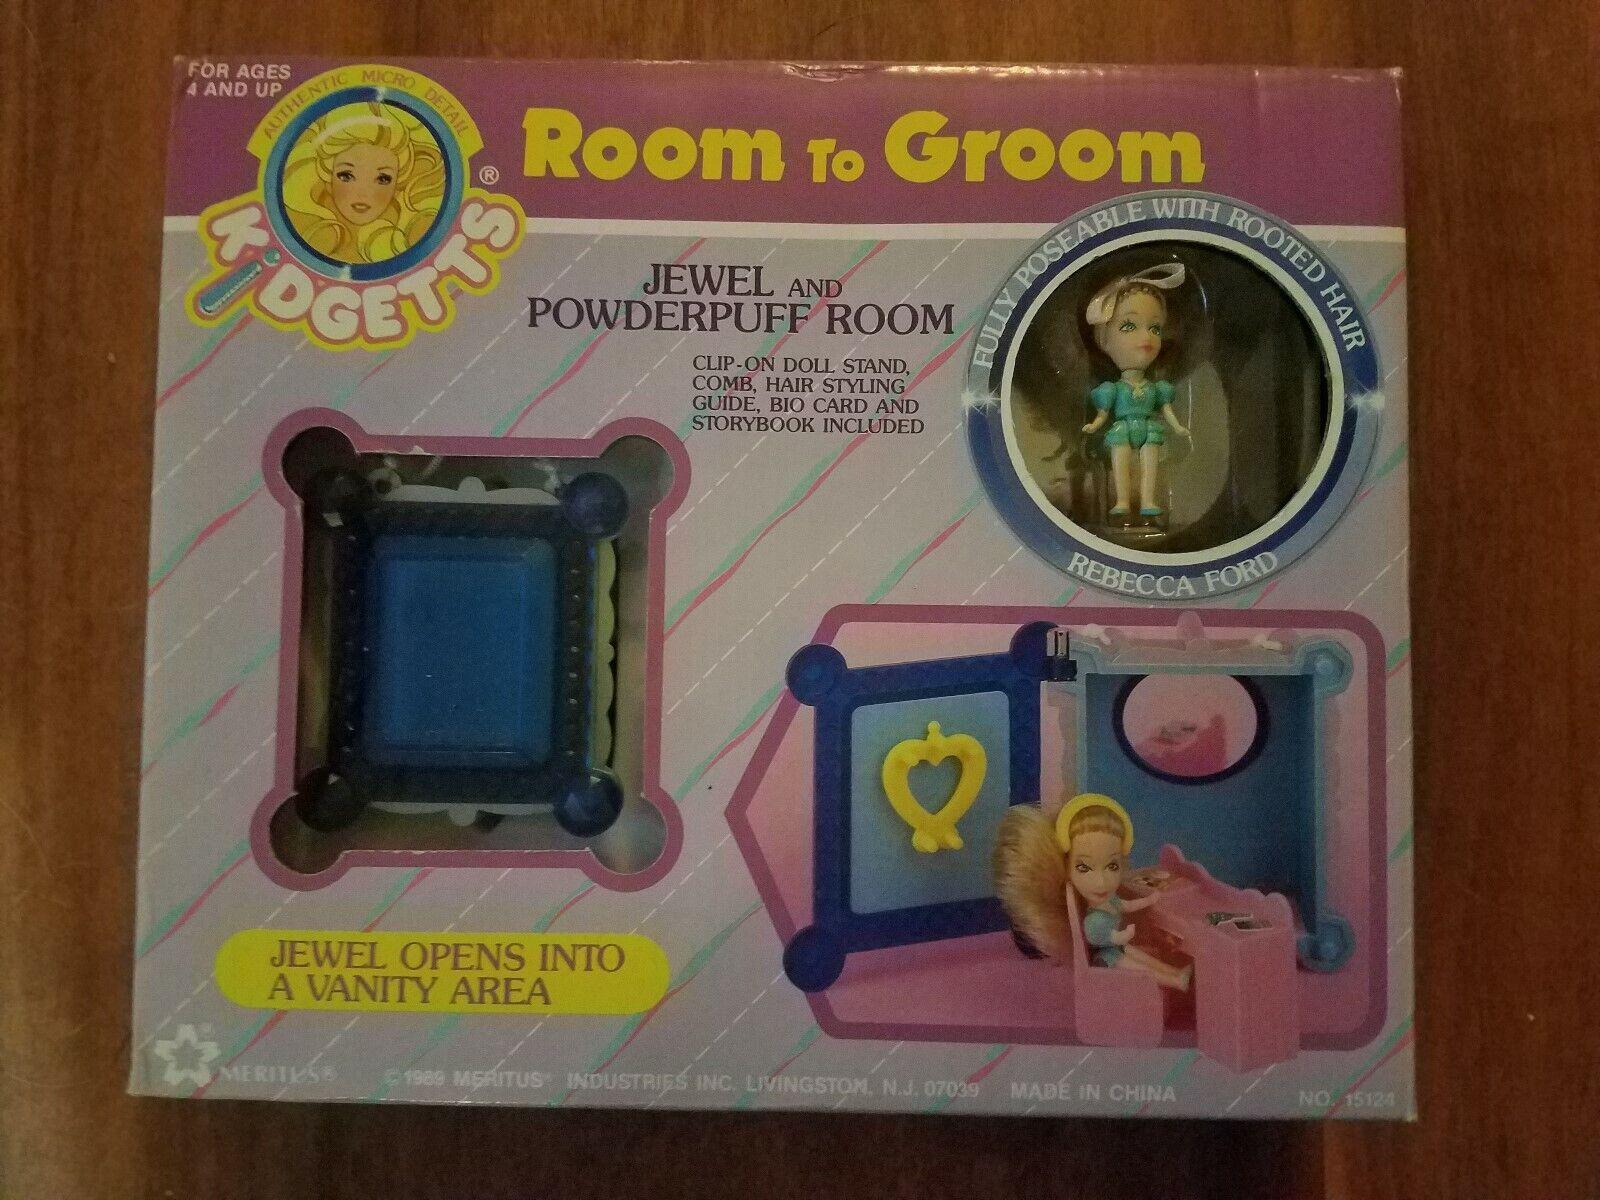 Nunca quitado de la Caja Vintage Meritus kidgetts espacio para Novio Joya & Poweder Puff Sala Nuevo